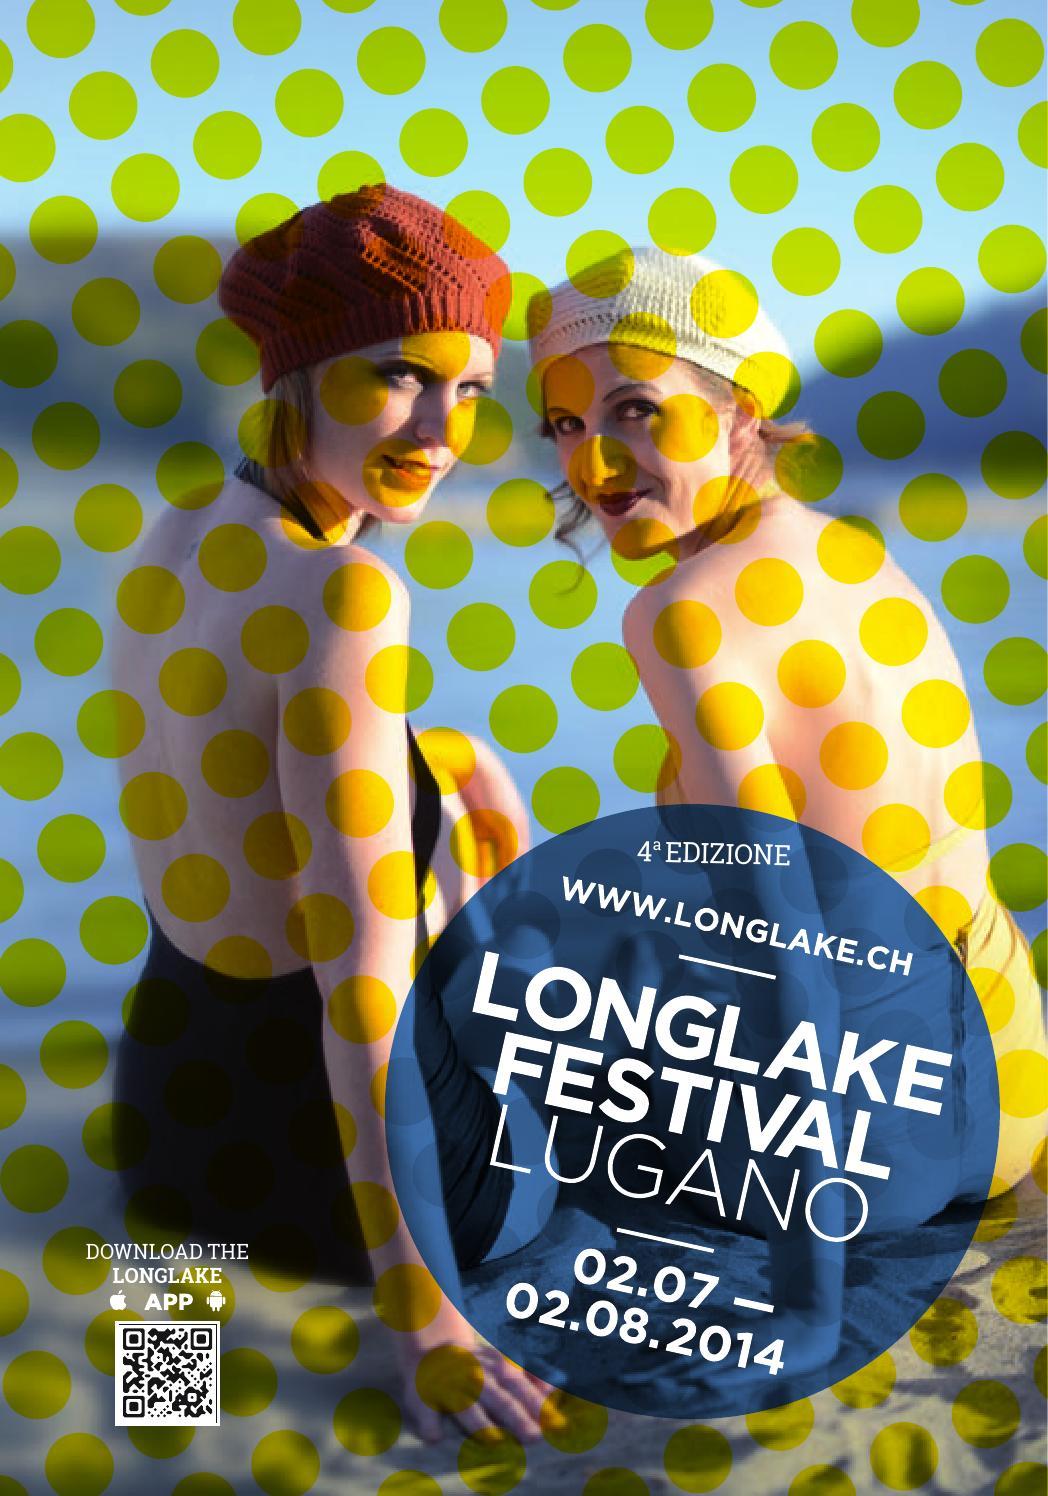 167bcc083c9c5 Magazine - Longlake Festival Lugano 2014 by Dicastero Giovani ed Eventi